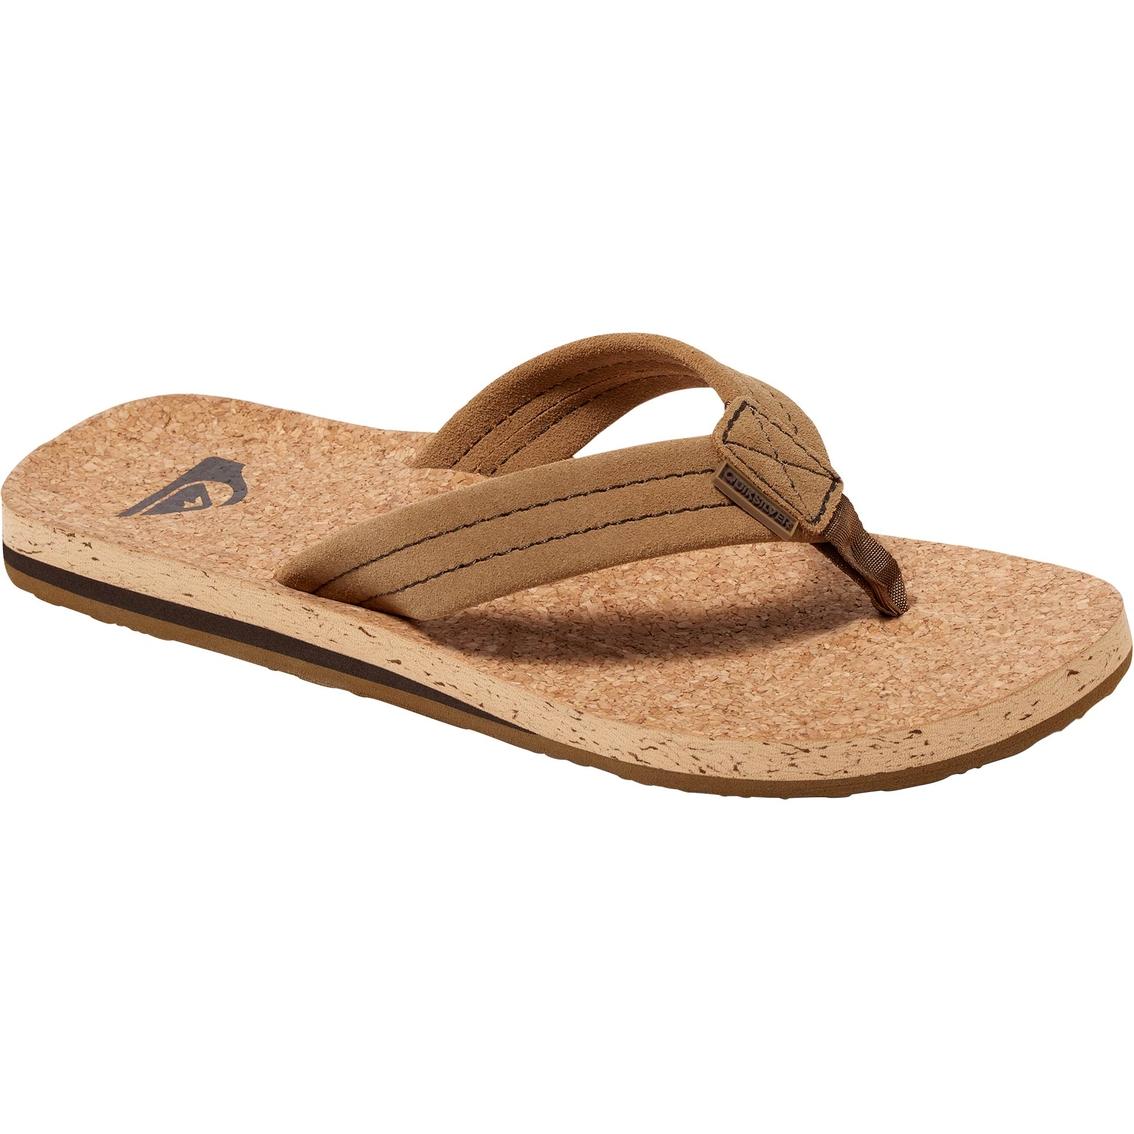 613f8ecf02d Quiksilver Men s Carver Cork Sandals